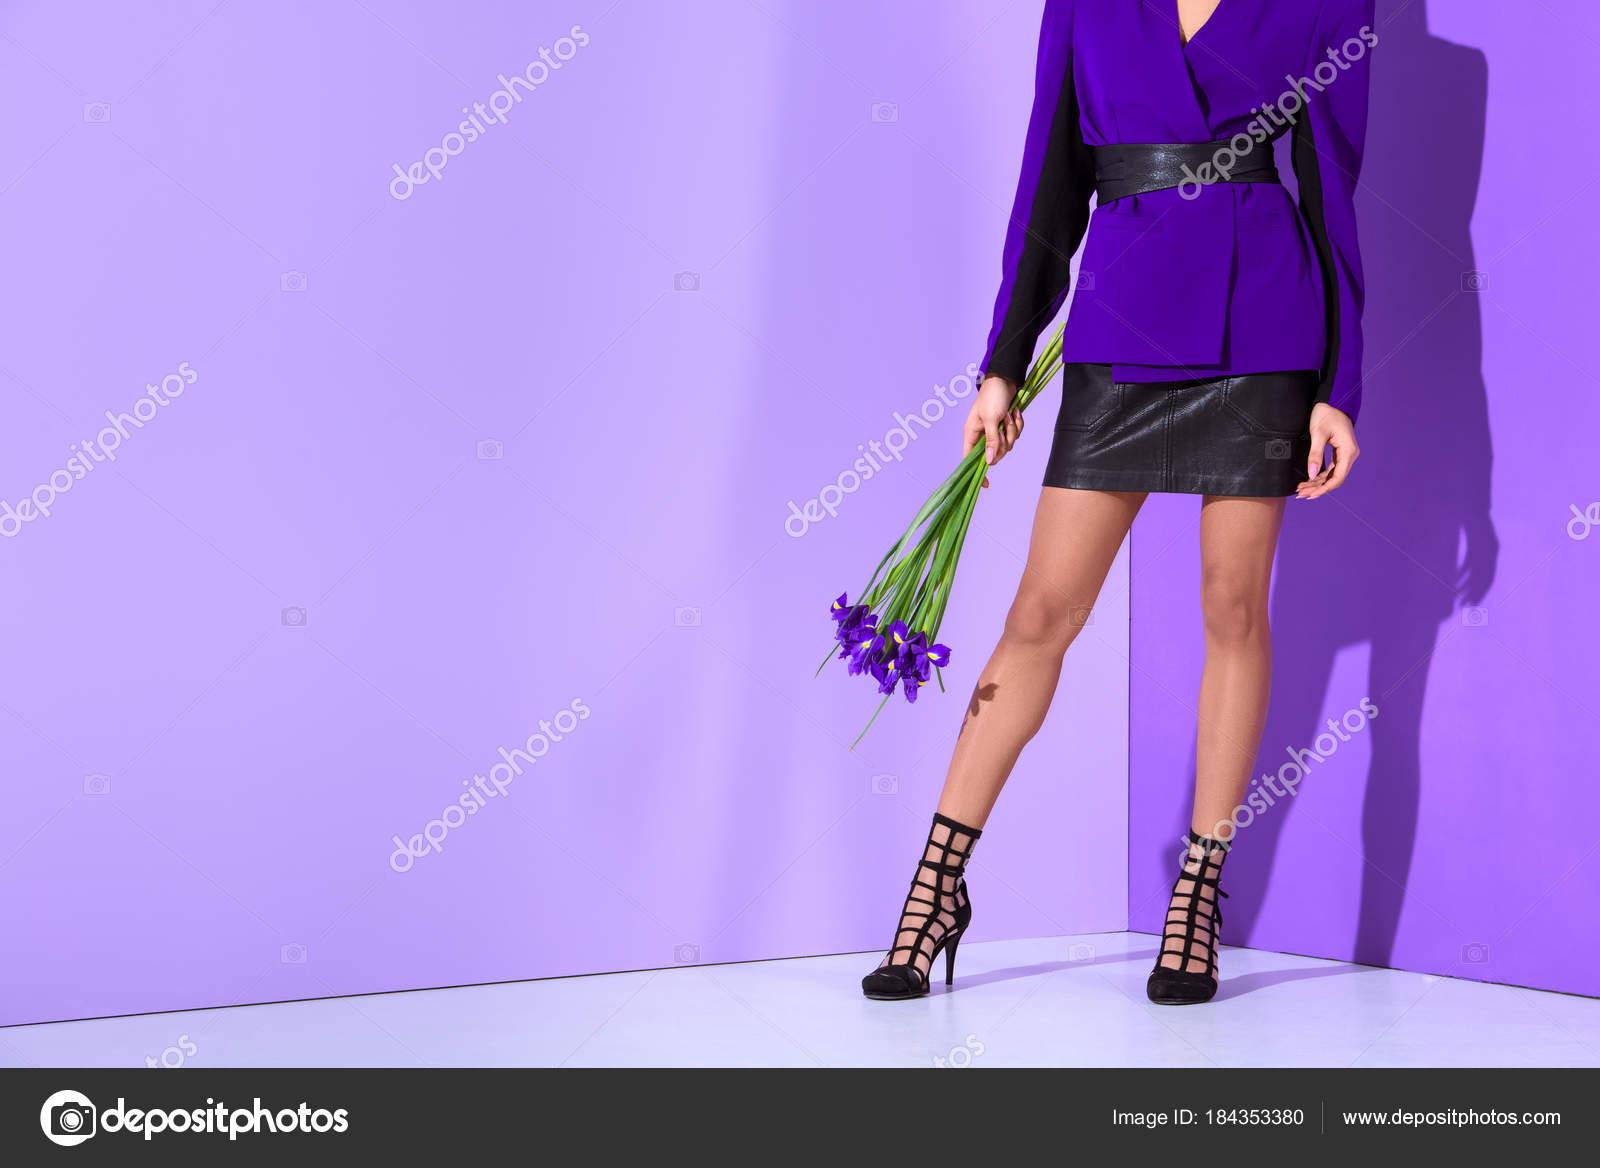 Violette Dans Basse Vue Coupe Mulâtresse Posant Élégant Avec Veste ByWAcpW1